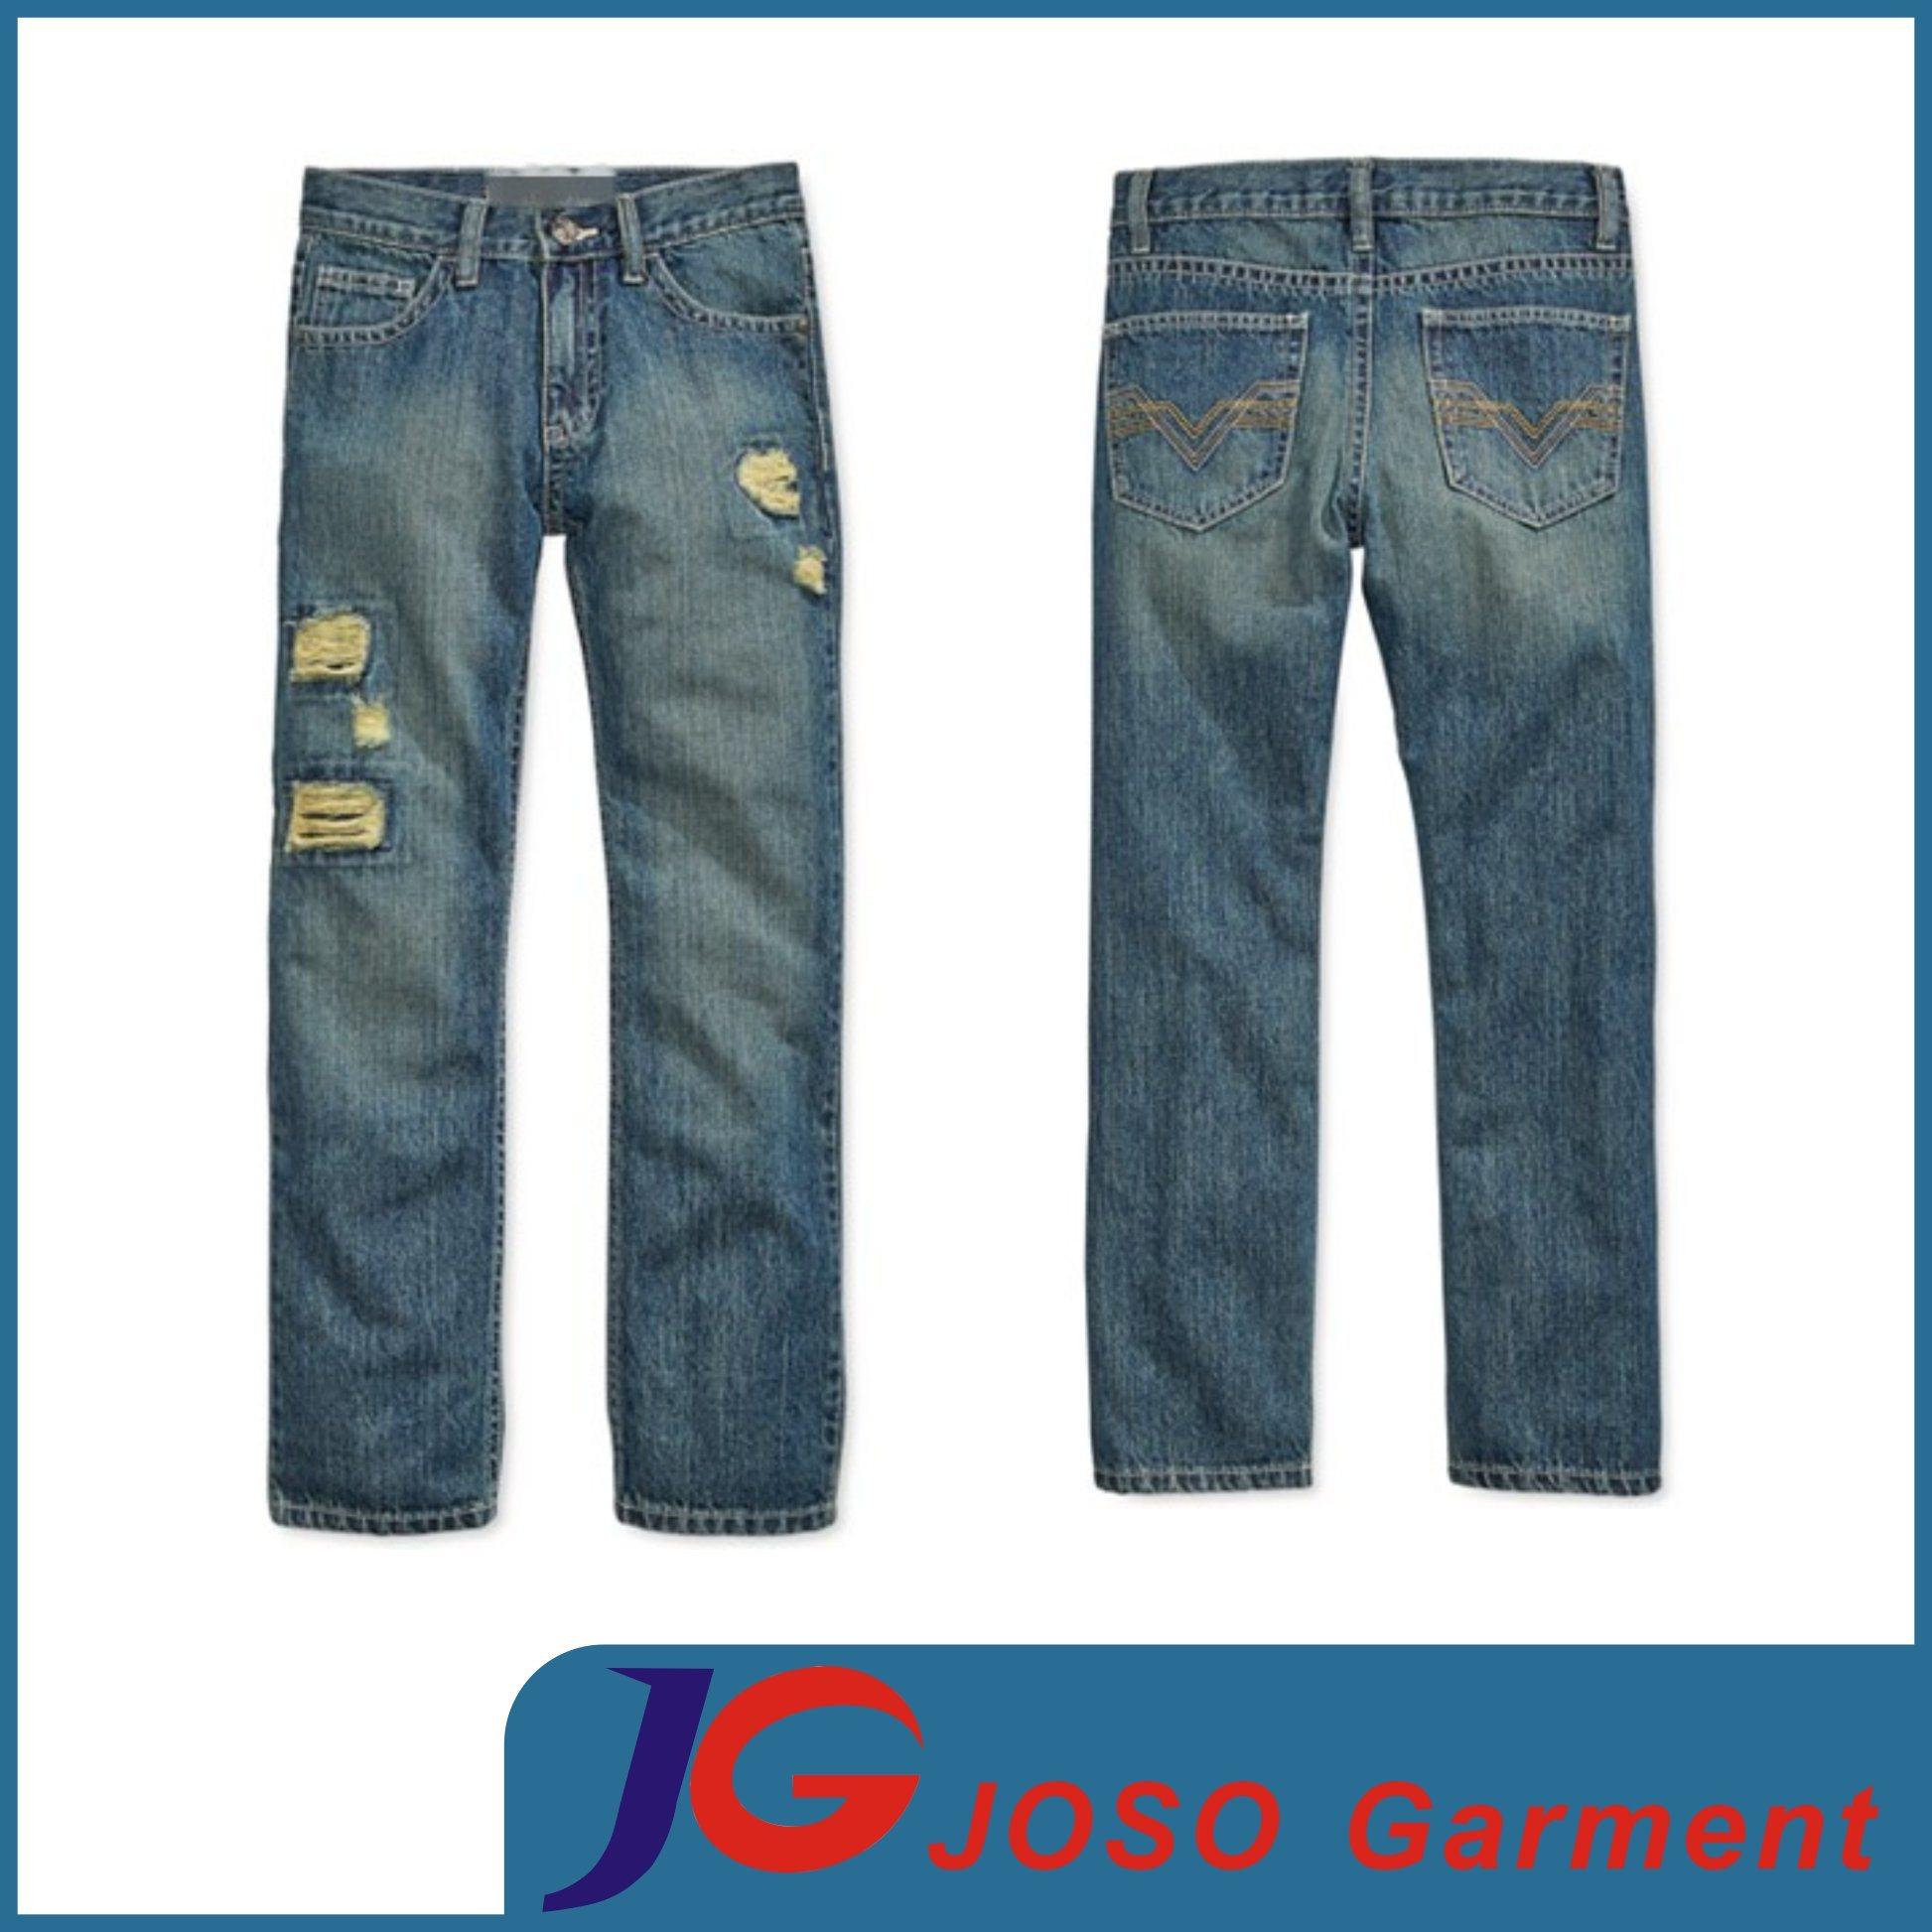 Destroyed Children Garment Jeans Boy Clothes (JC8044)